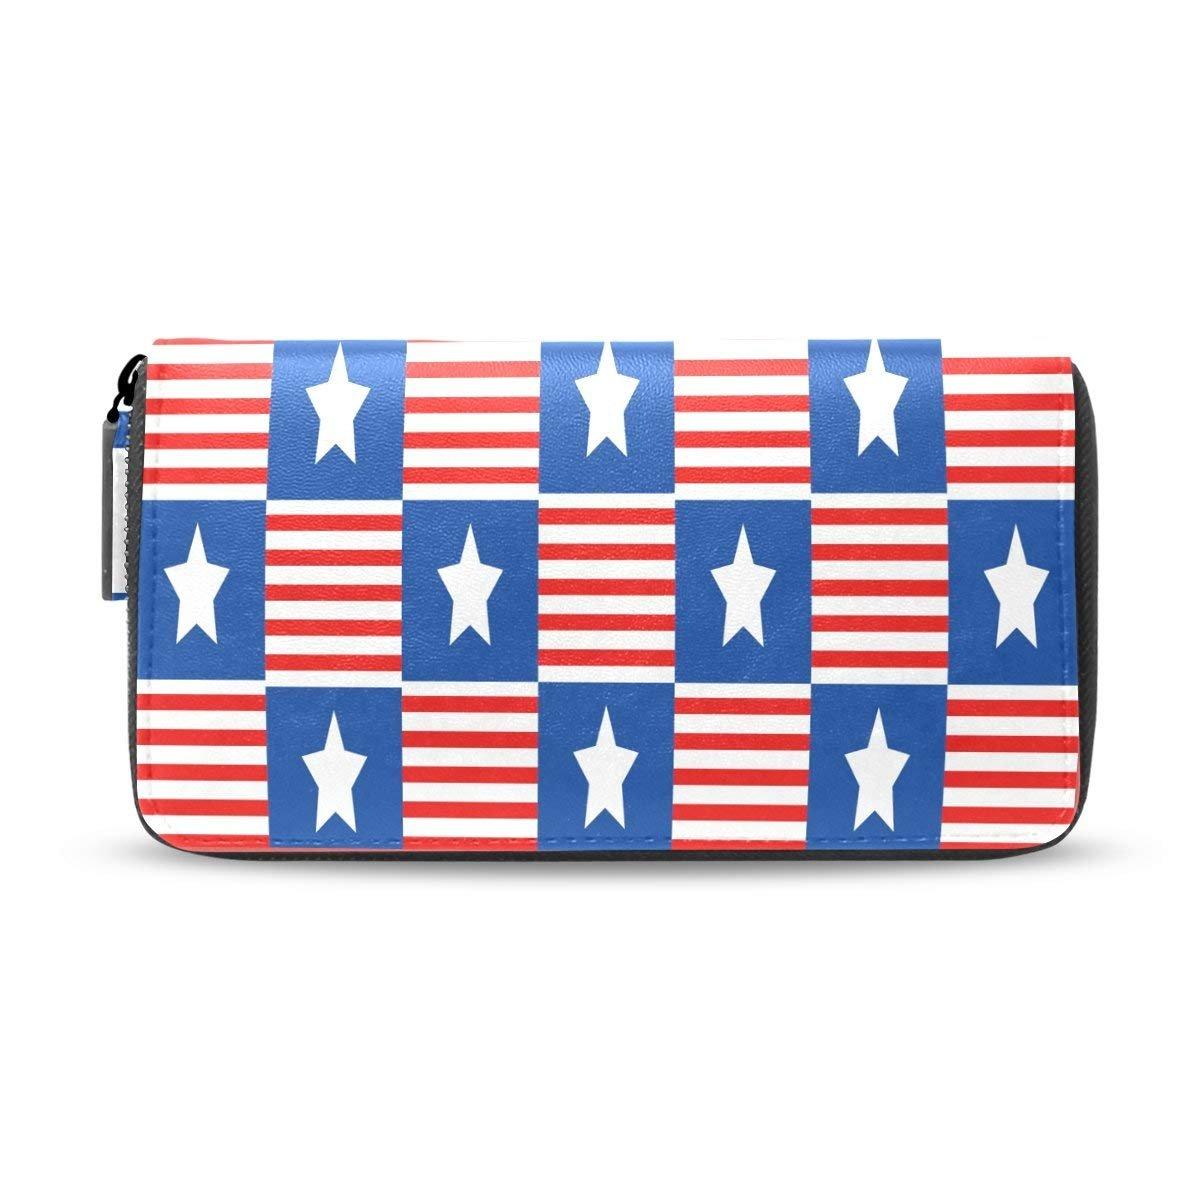 American Usa Flag Zipper Passport Long Purses Handbag Card Money Organizer Wallet